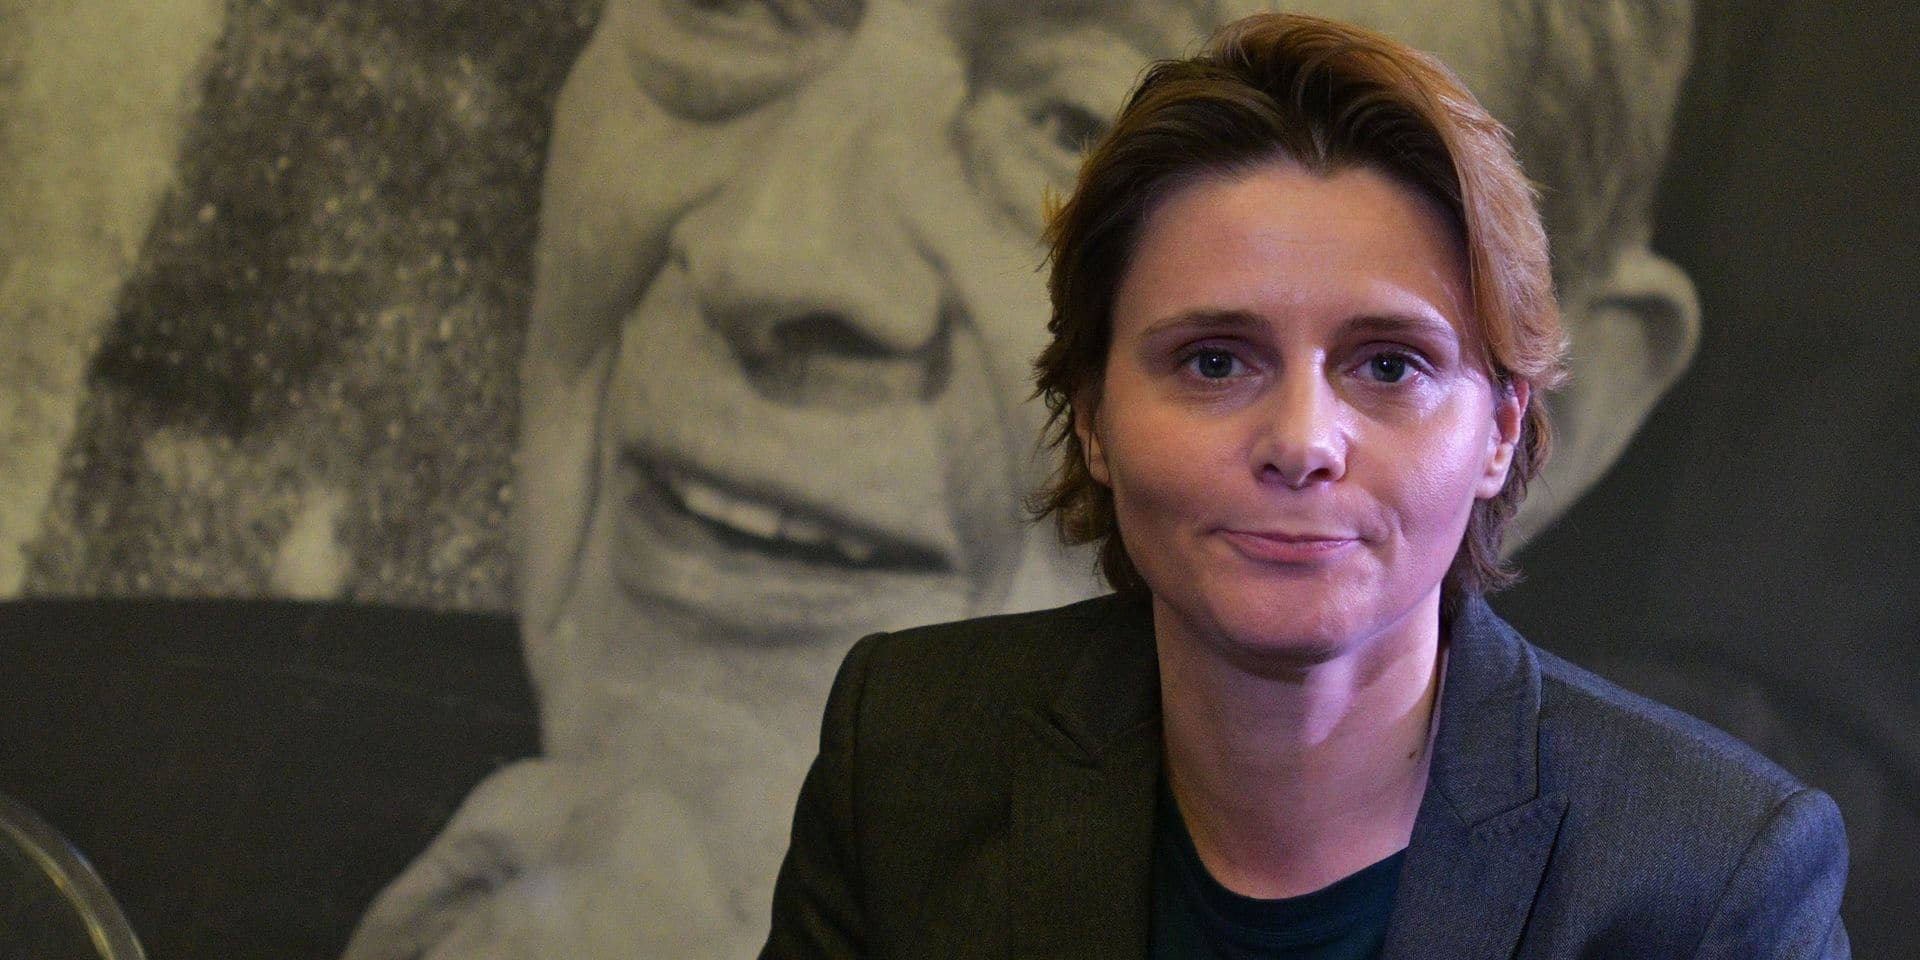 La polémiste Caroline Fourest réagit à la volonté d'étudiants d'entraver la venue de Charlie Hebdo à l'ULB